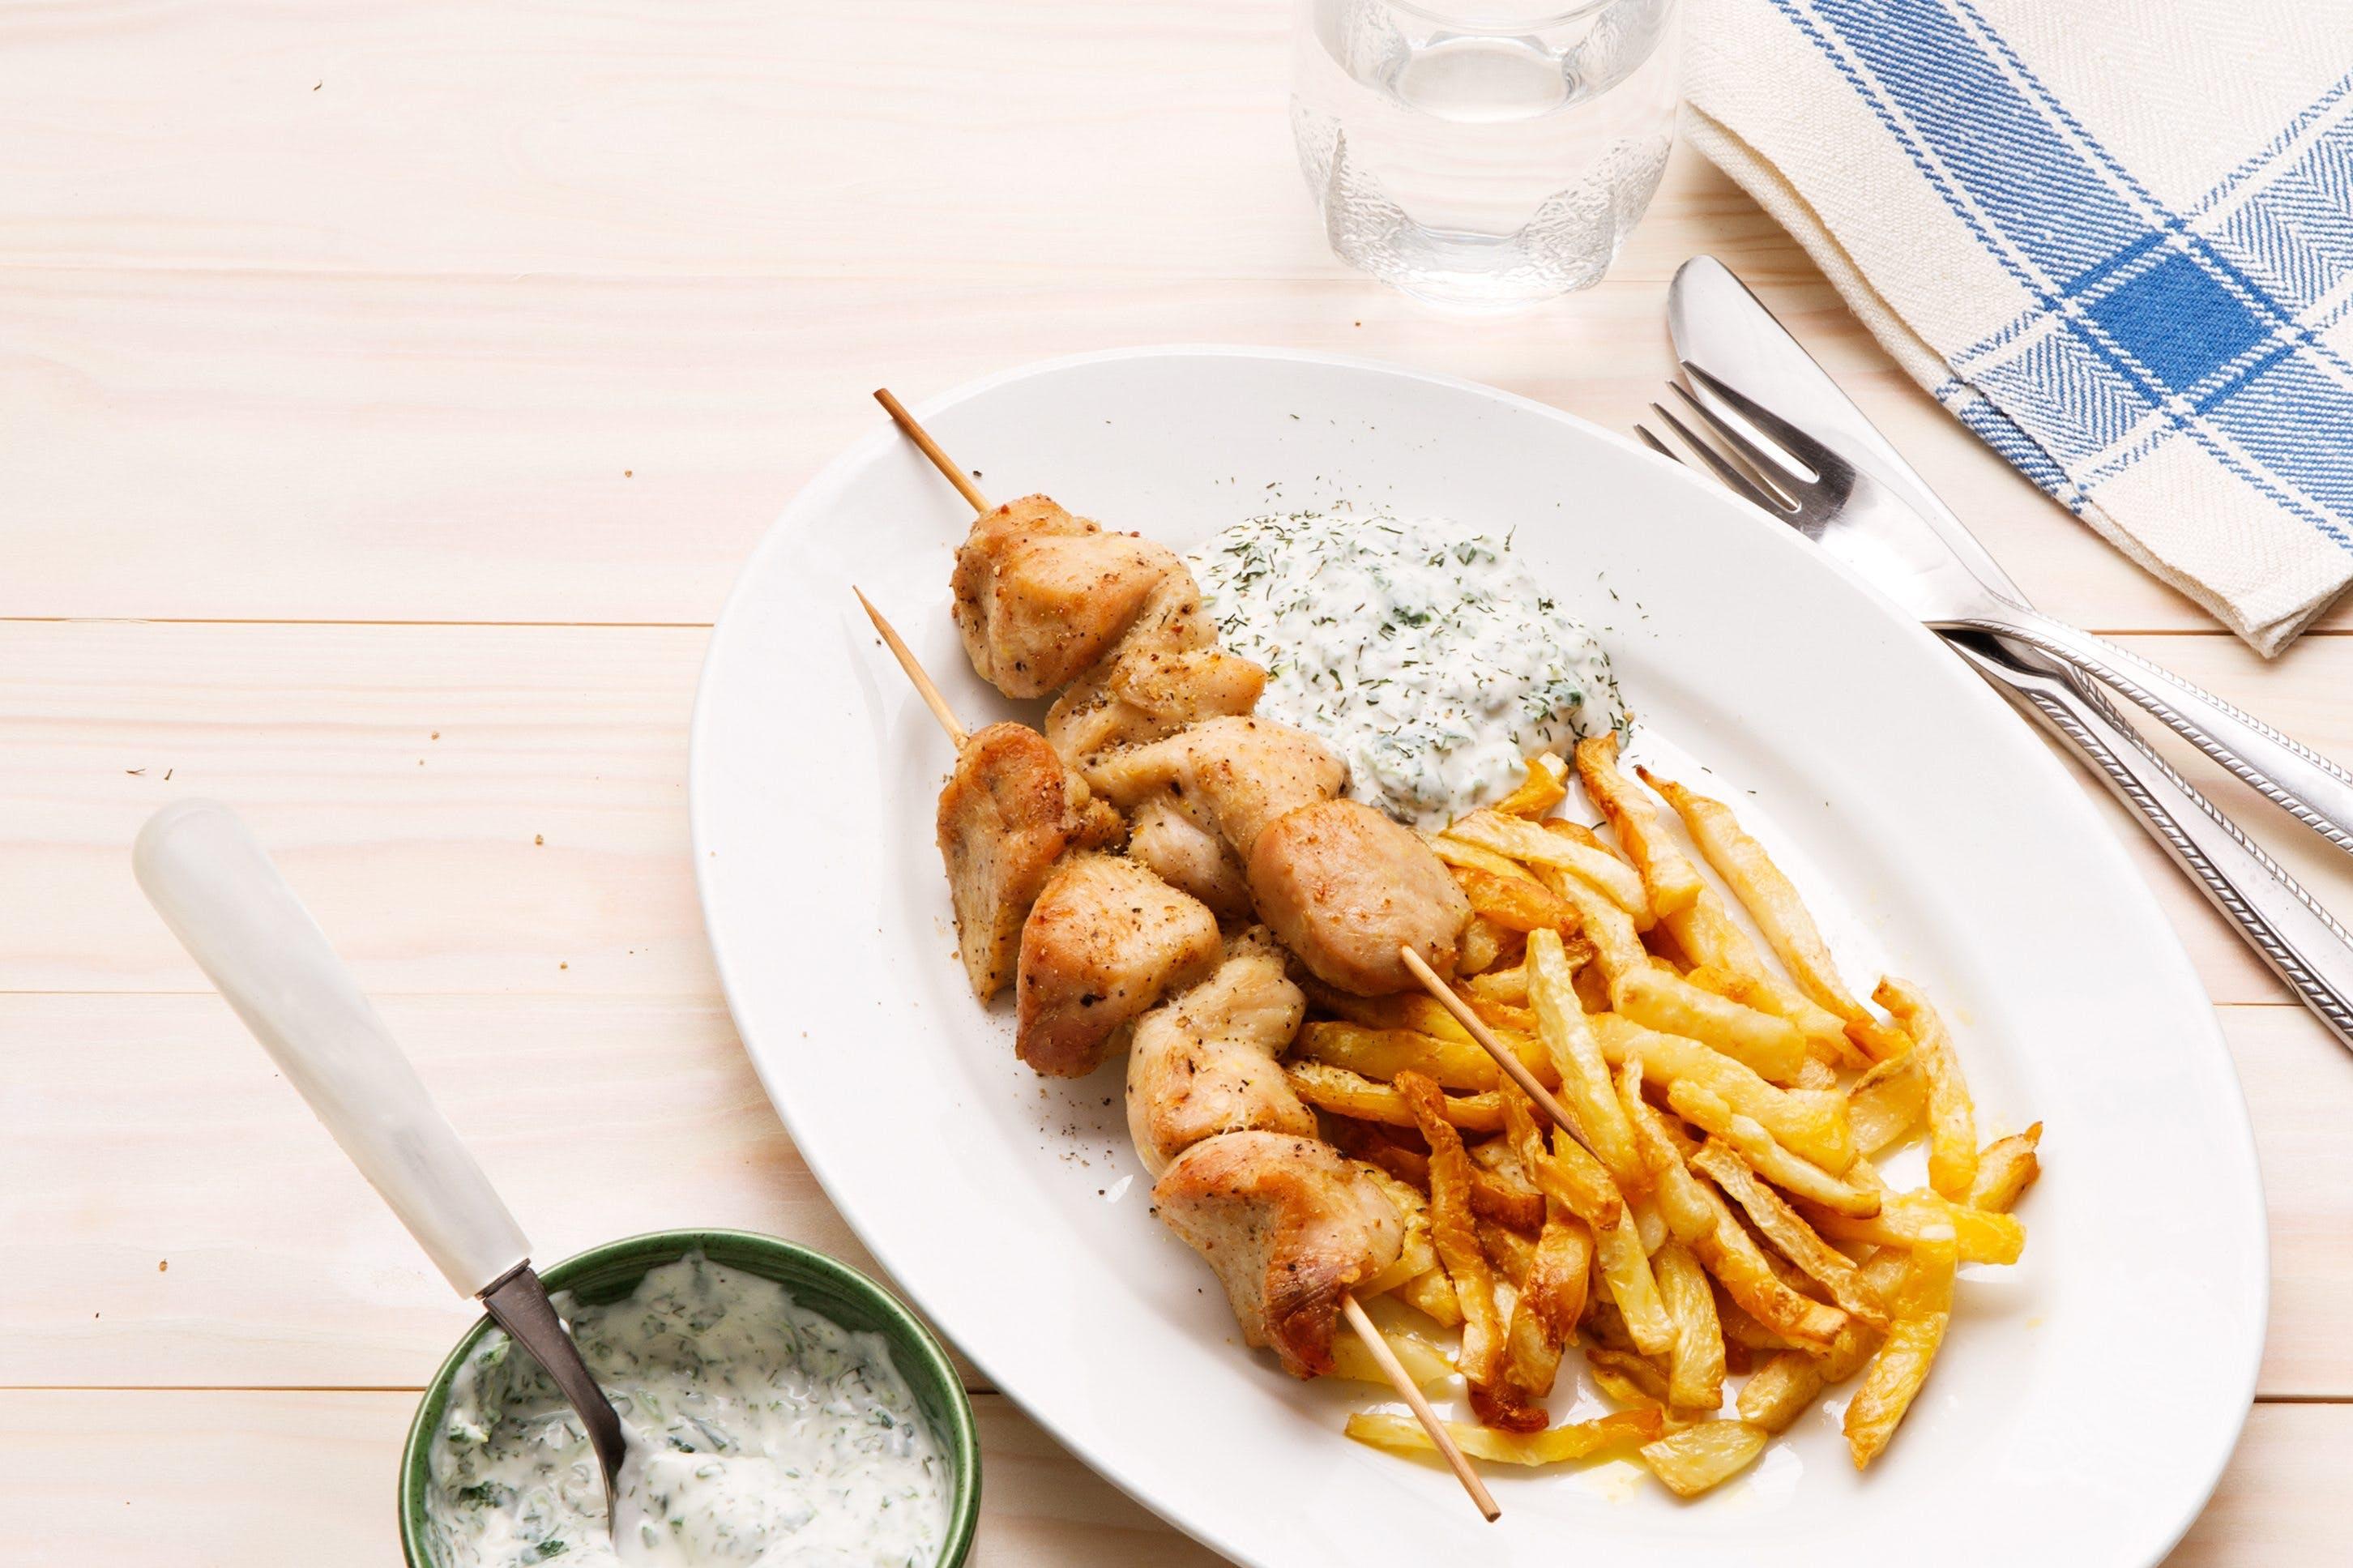 This week's meal plan: Keto fast-food favorites